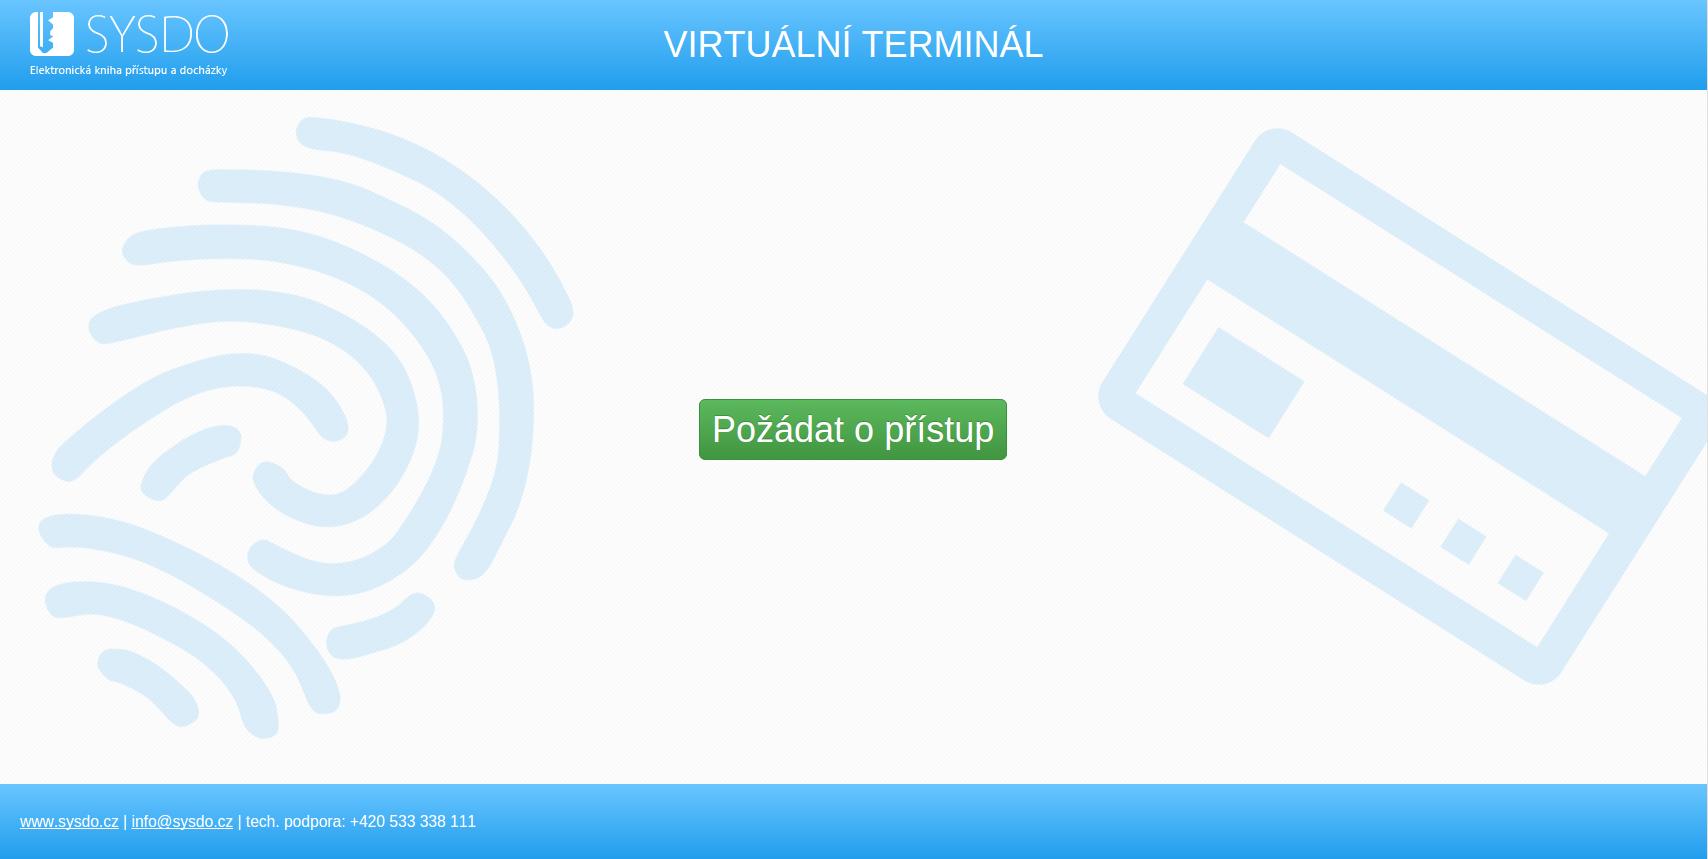 Požádejte o přístup do veřejného virtuálního terminálu